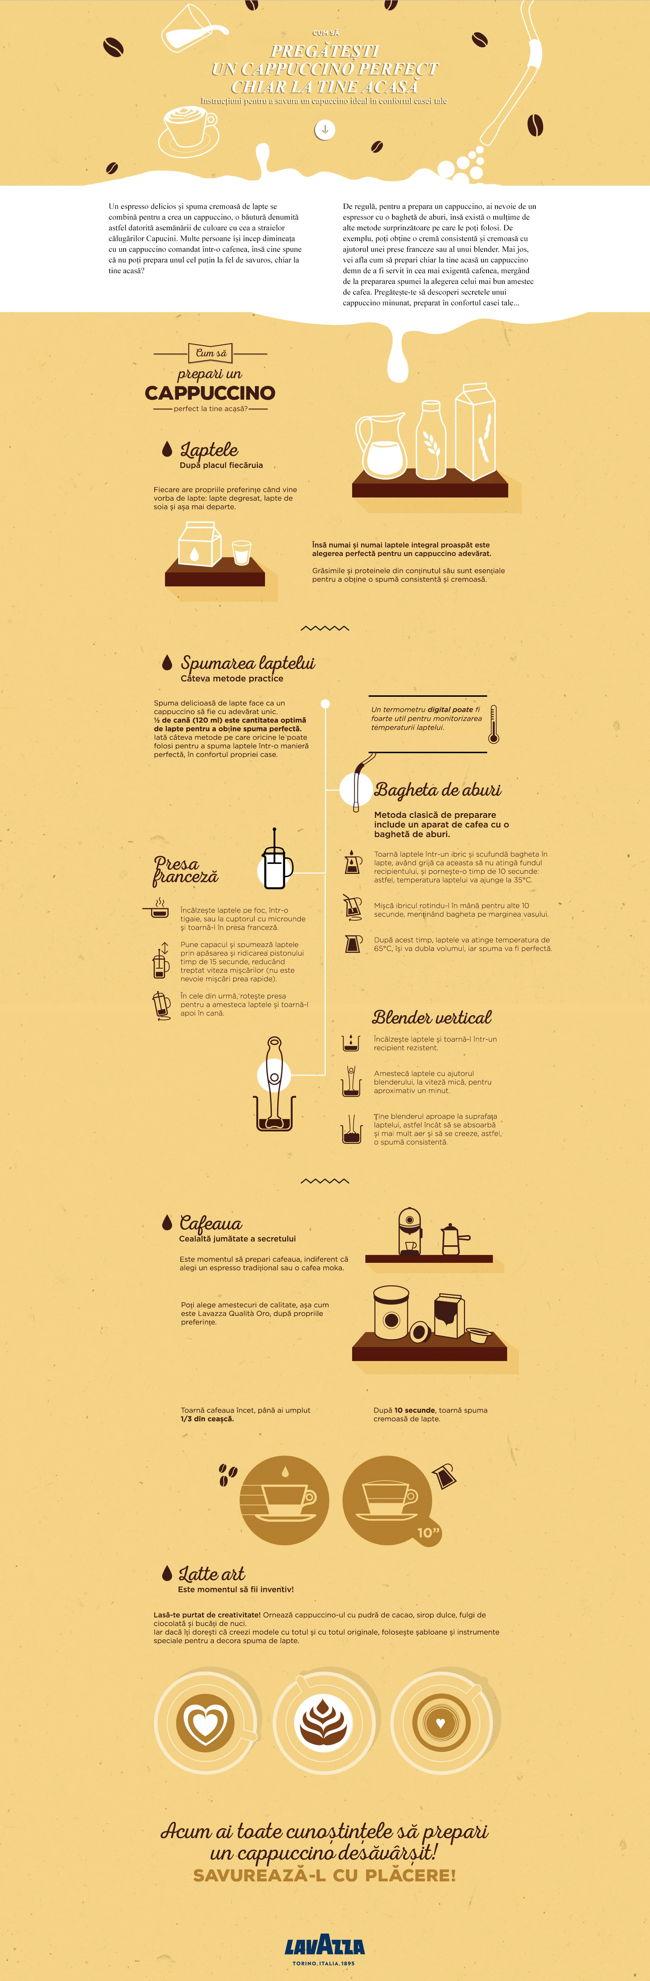 Un cappuccino perfect_infografic_Lavazza